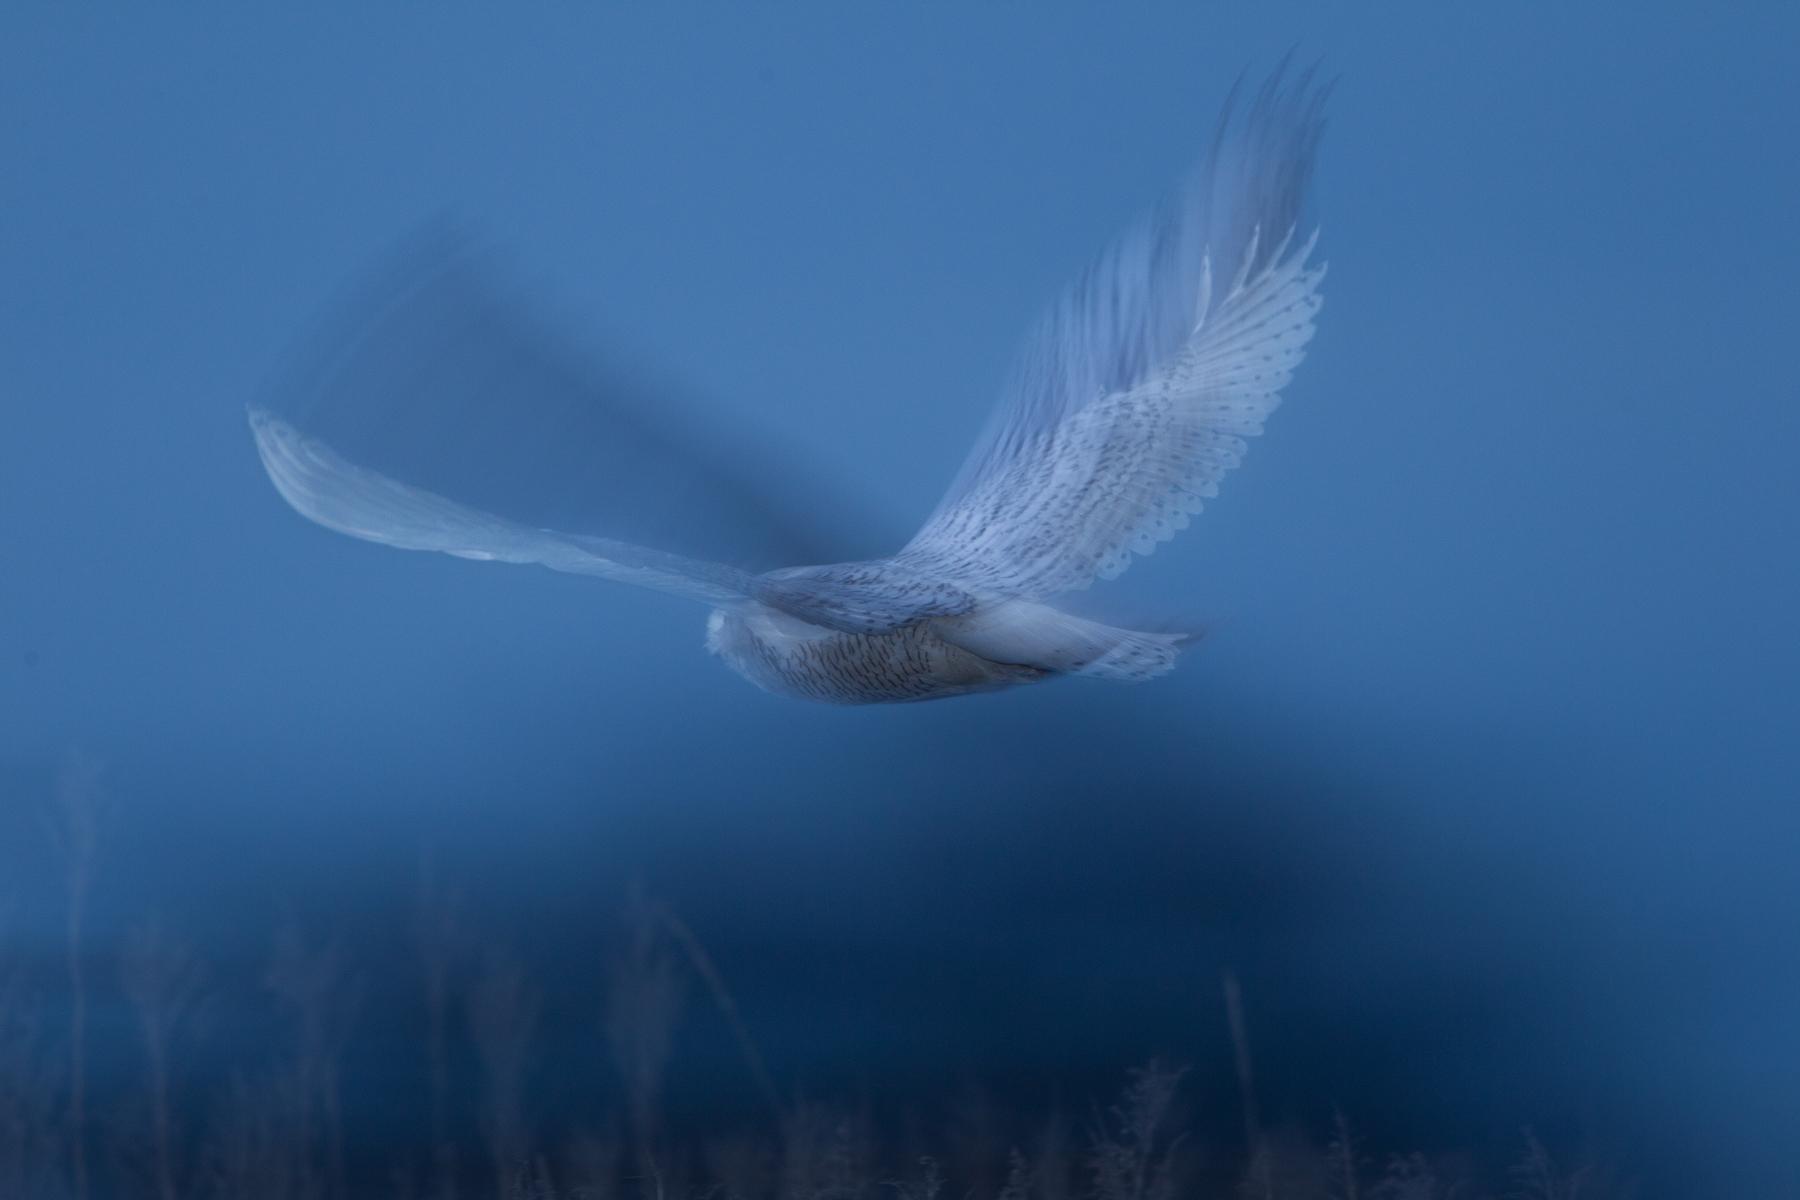 A Snowy Owl flies through a salt marsh at Boundary Bay, B.C, Canada.  Image ©Connor Stefanison